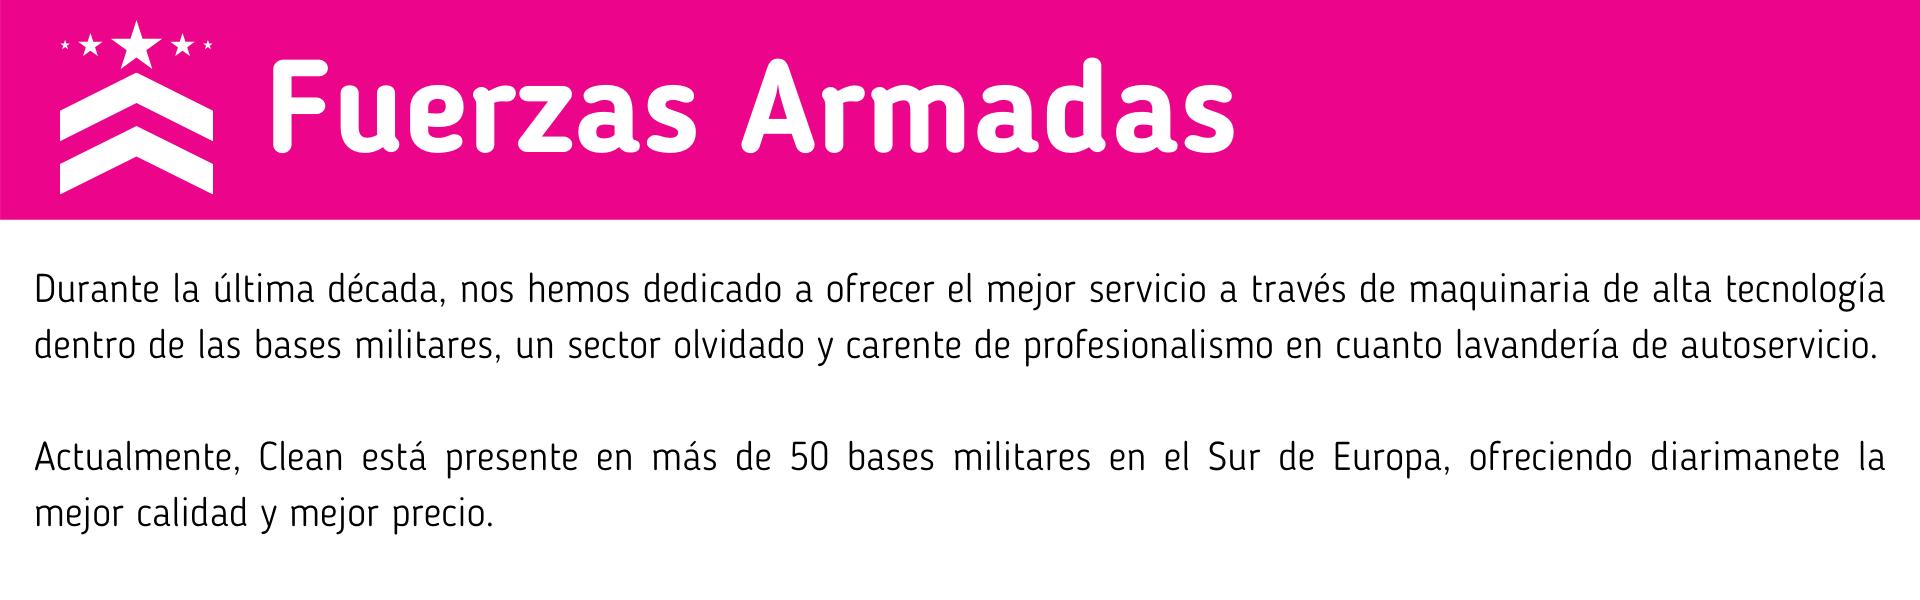 SPA Fuerzas Armadas